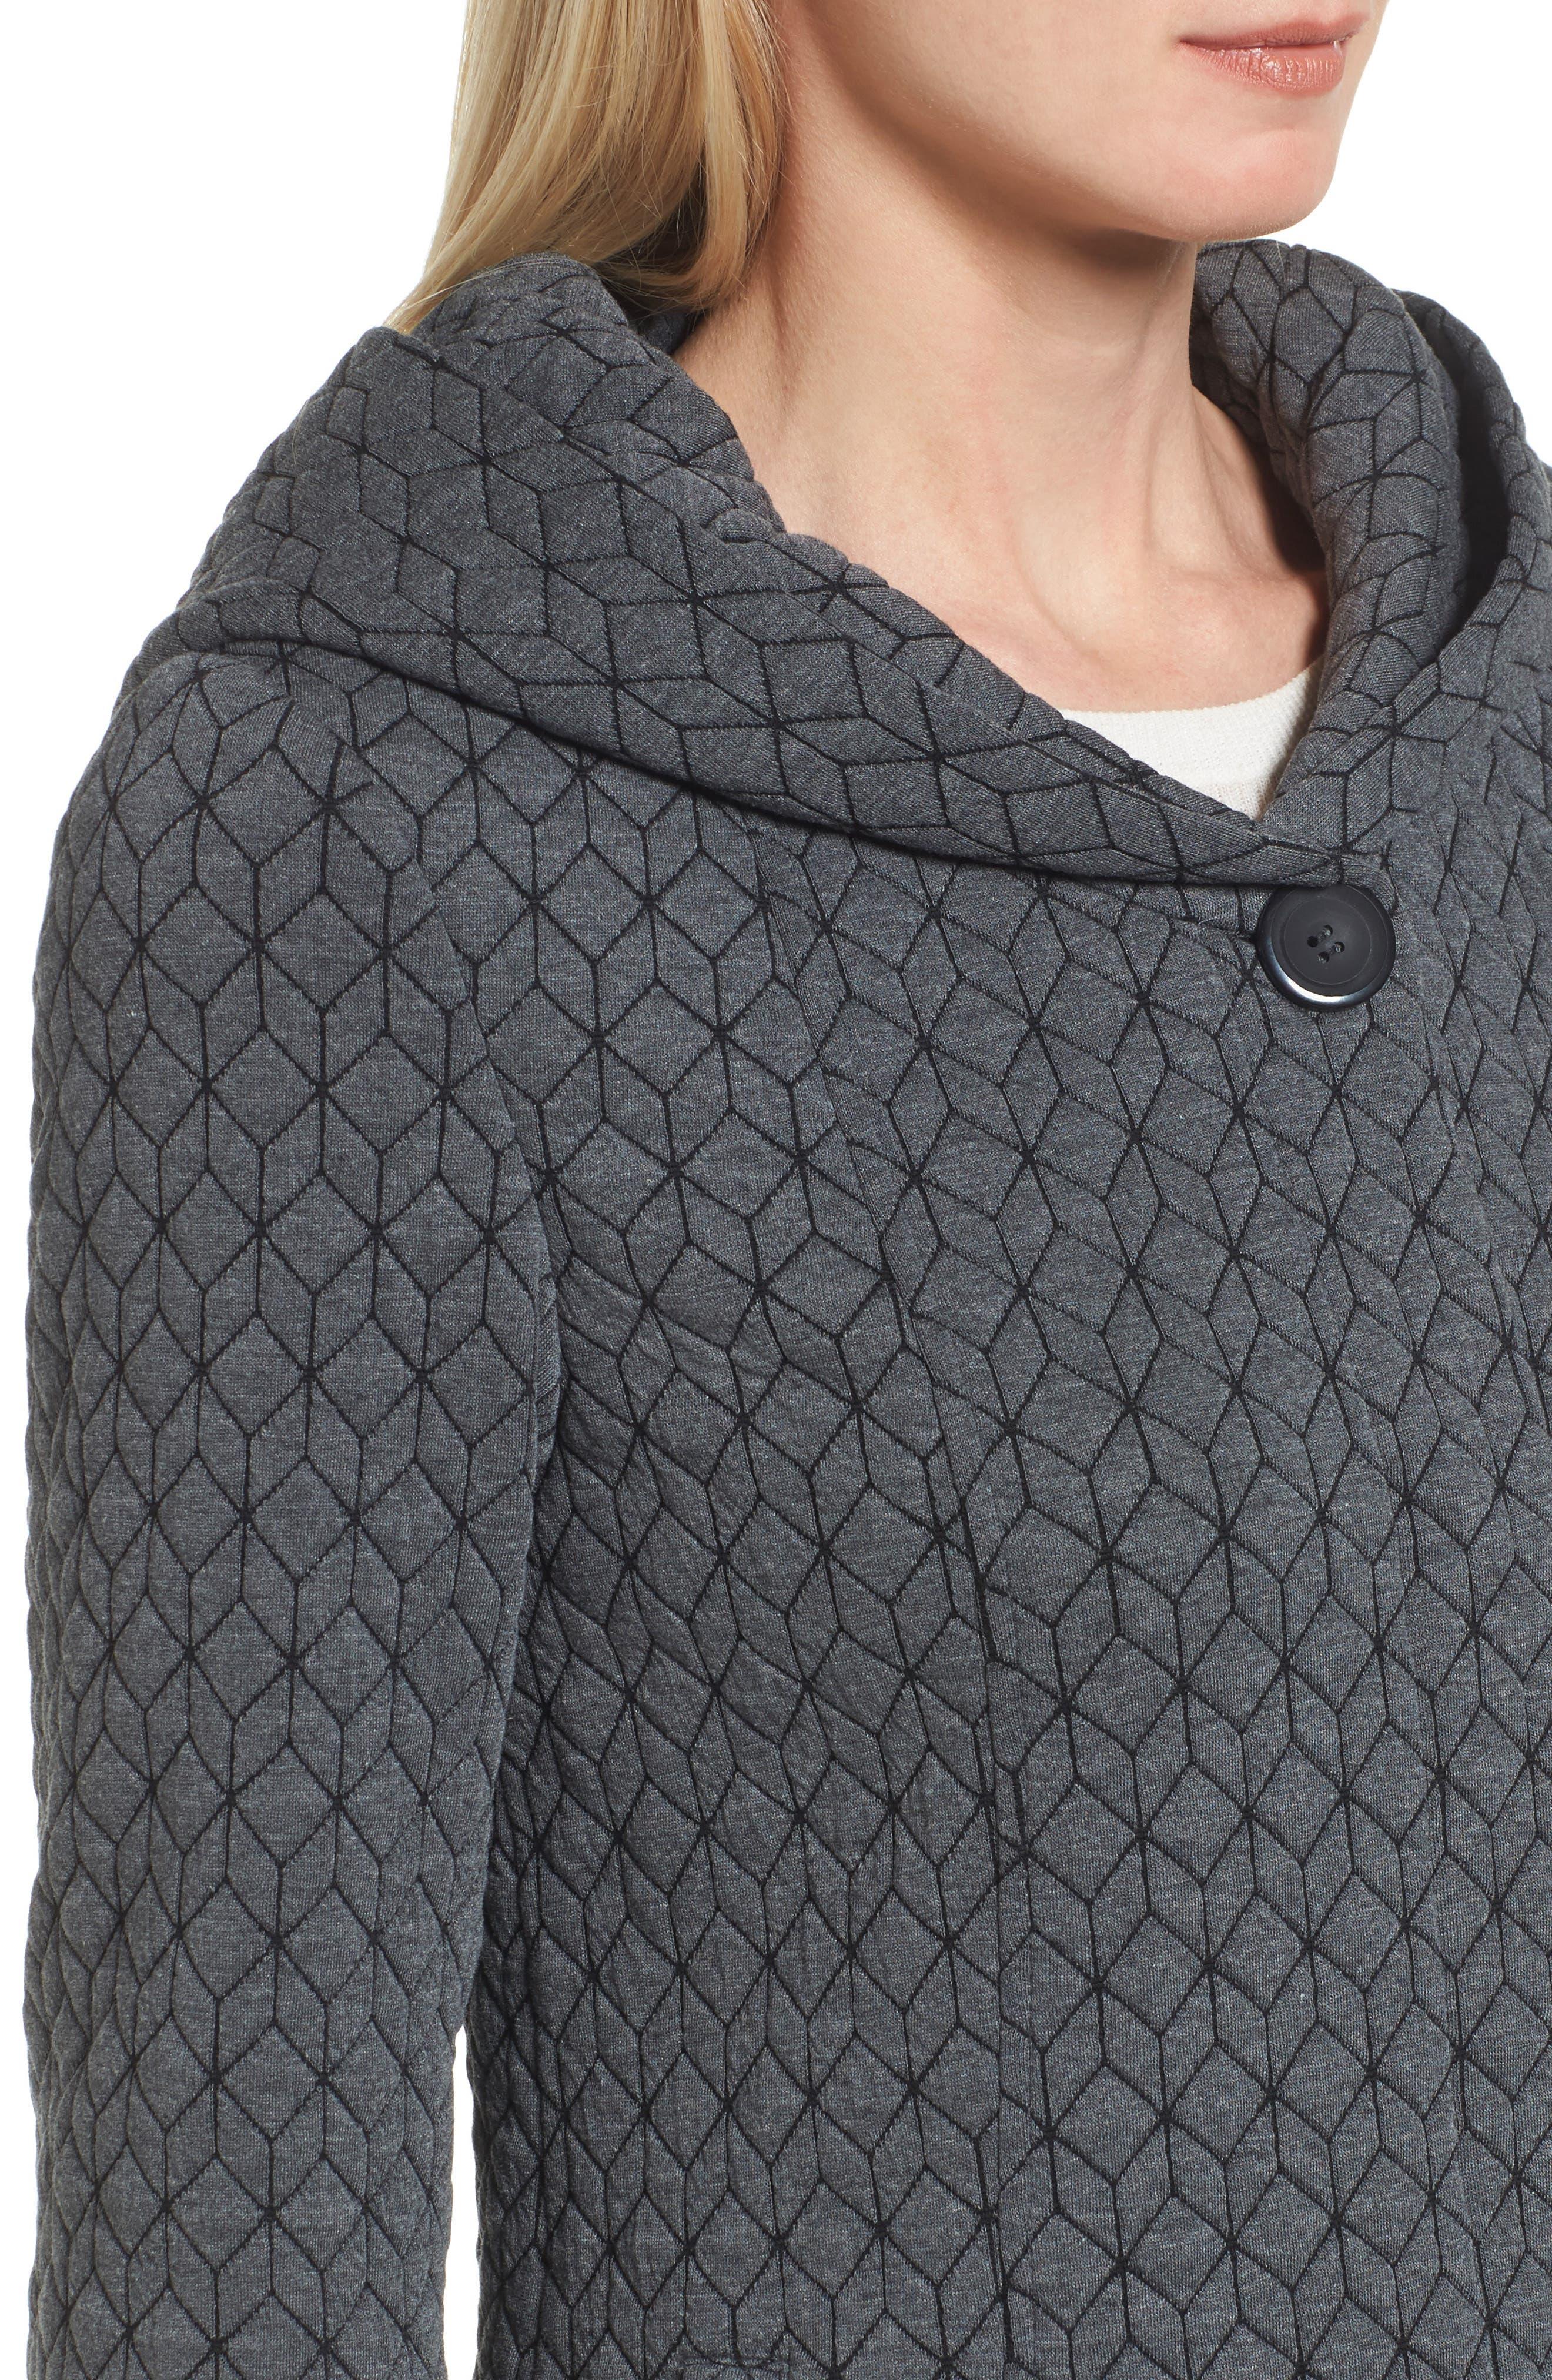 Cozy Knit Coat,                             Alternate thumbnail 4, color,                             020